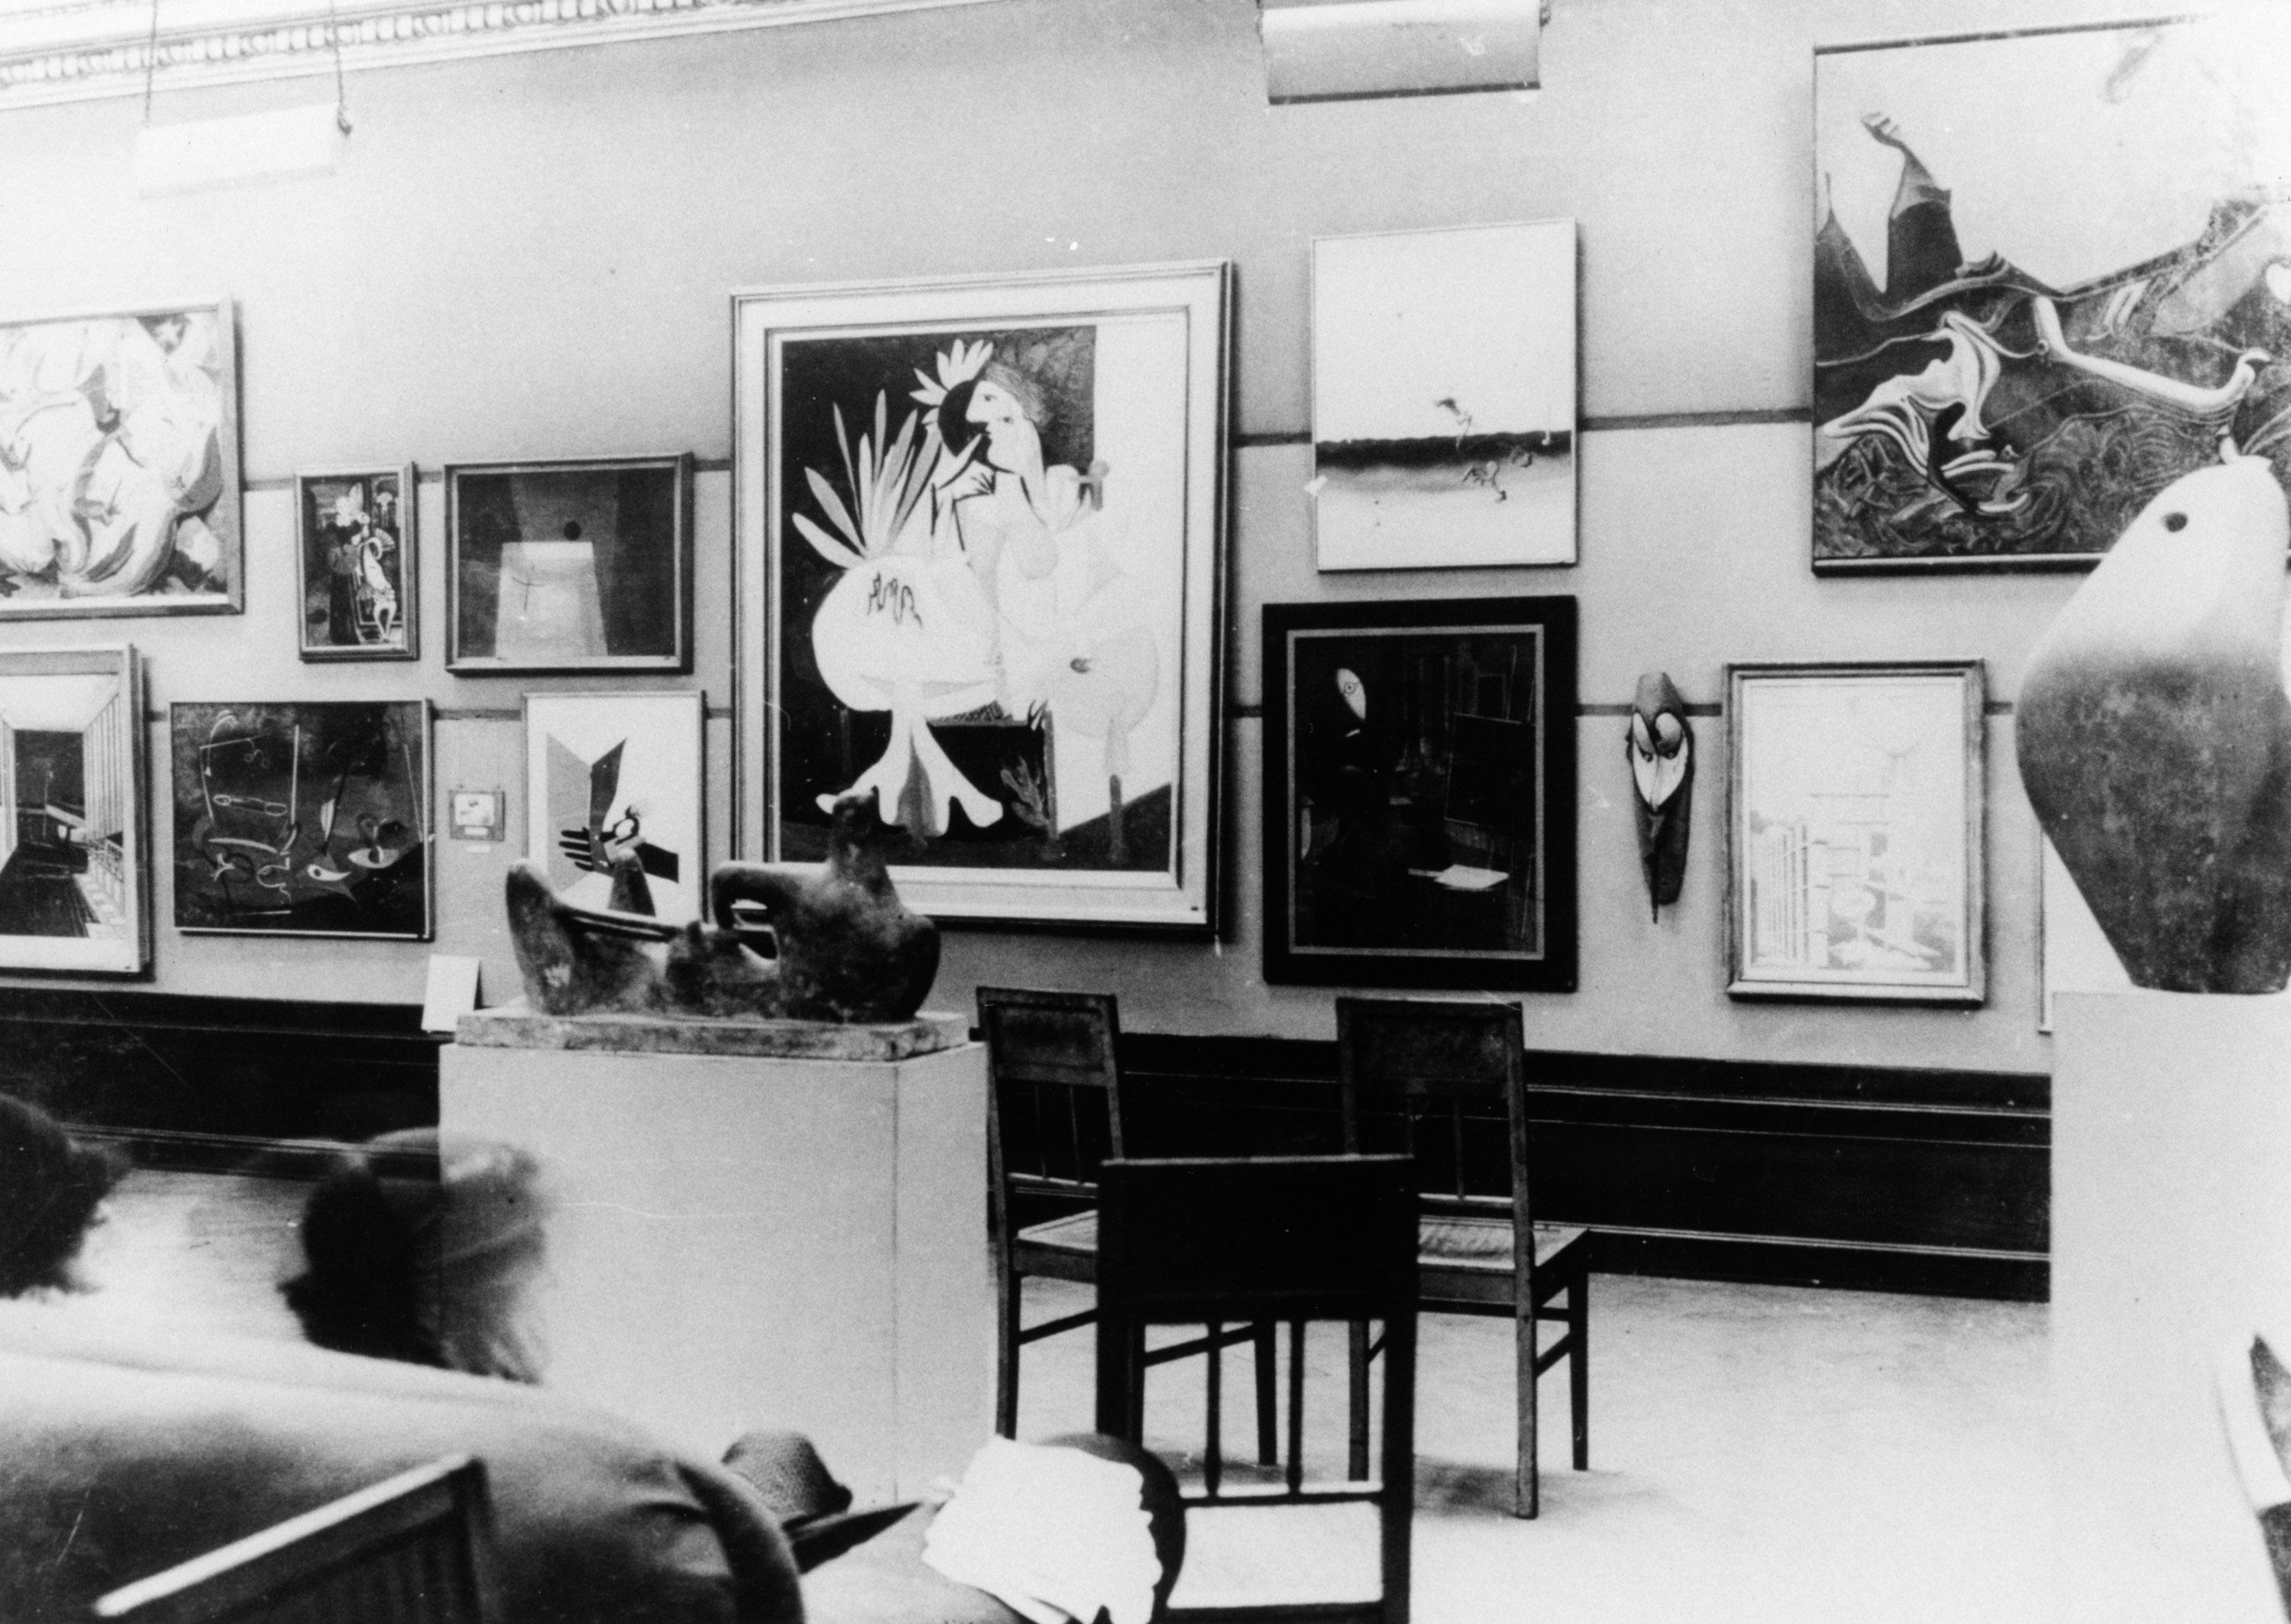 Une sculpture de Henry Moore à l'exposition internationale surréaliste de 1936 à Londres, image © Fondation Henry Moore